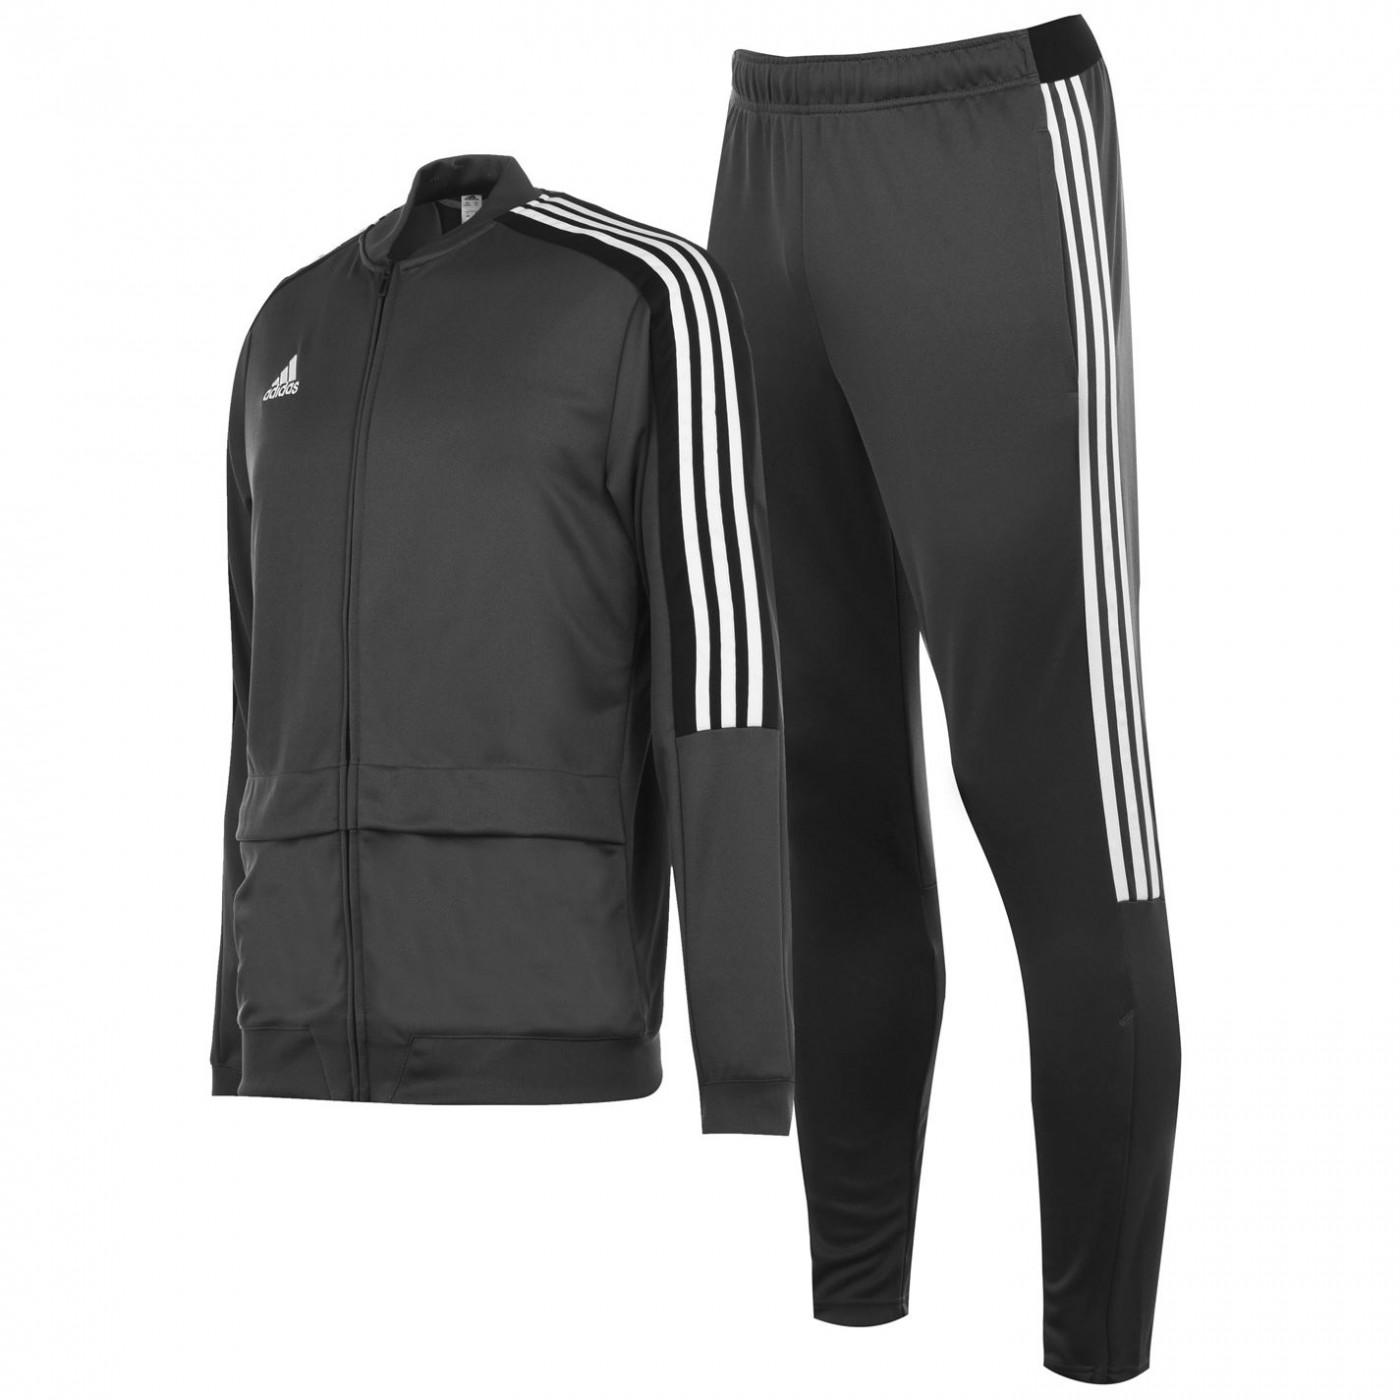 Muška trenirka komplet Adidas Sereno Pro